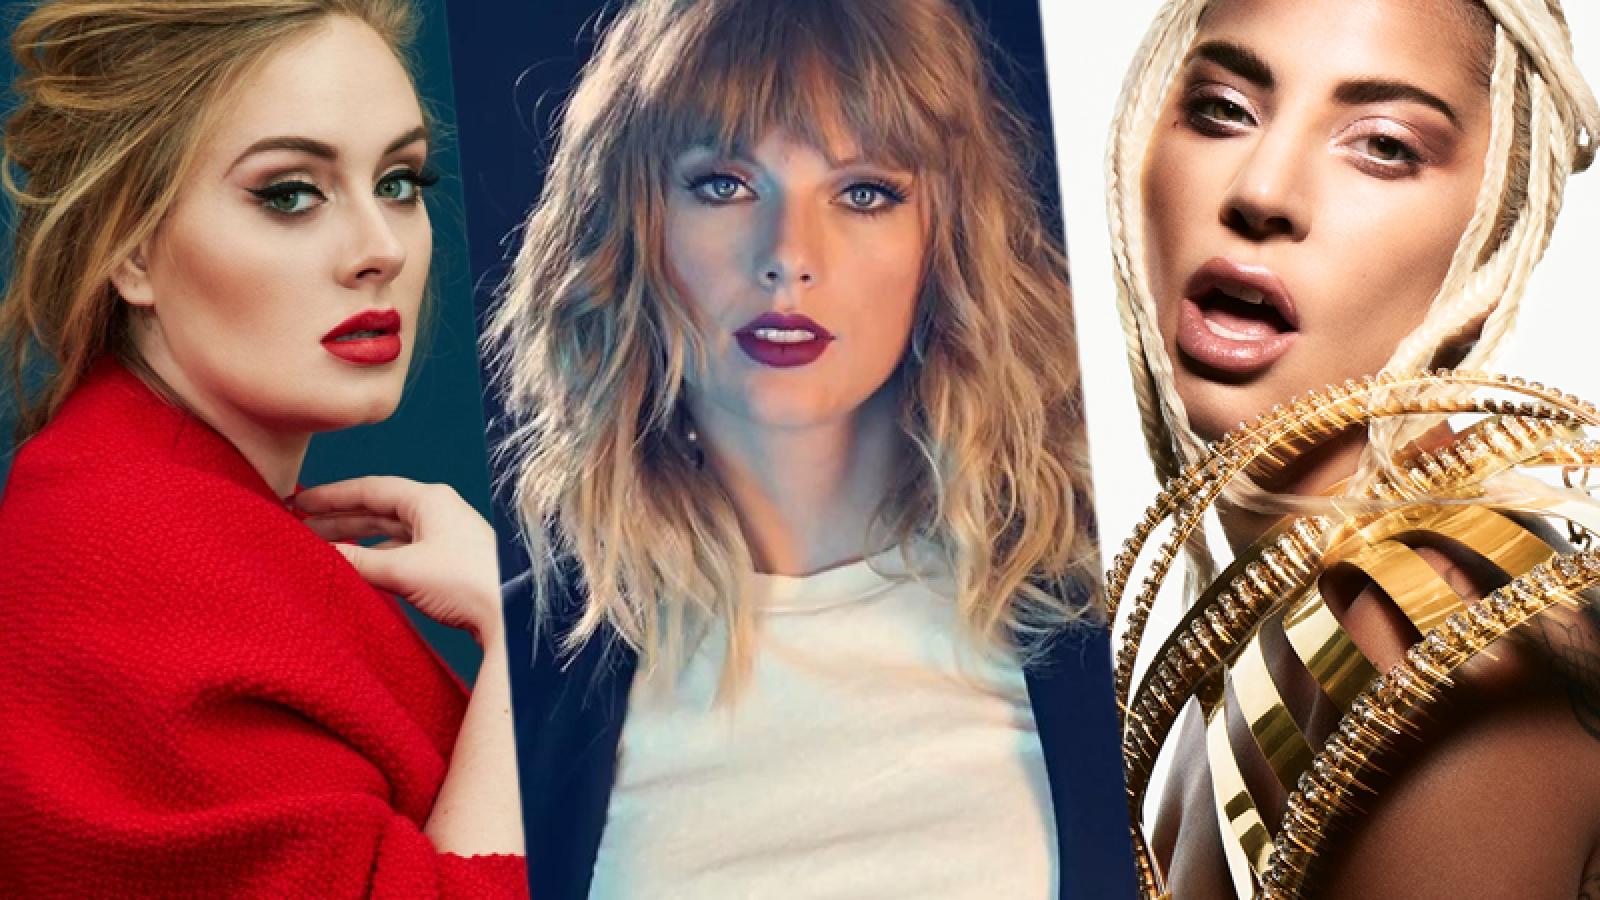 Adele, Taylor Swift, Lady Gaga ra album: Nữ giới thống trị làng nhạc cuối năm